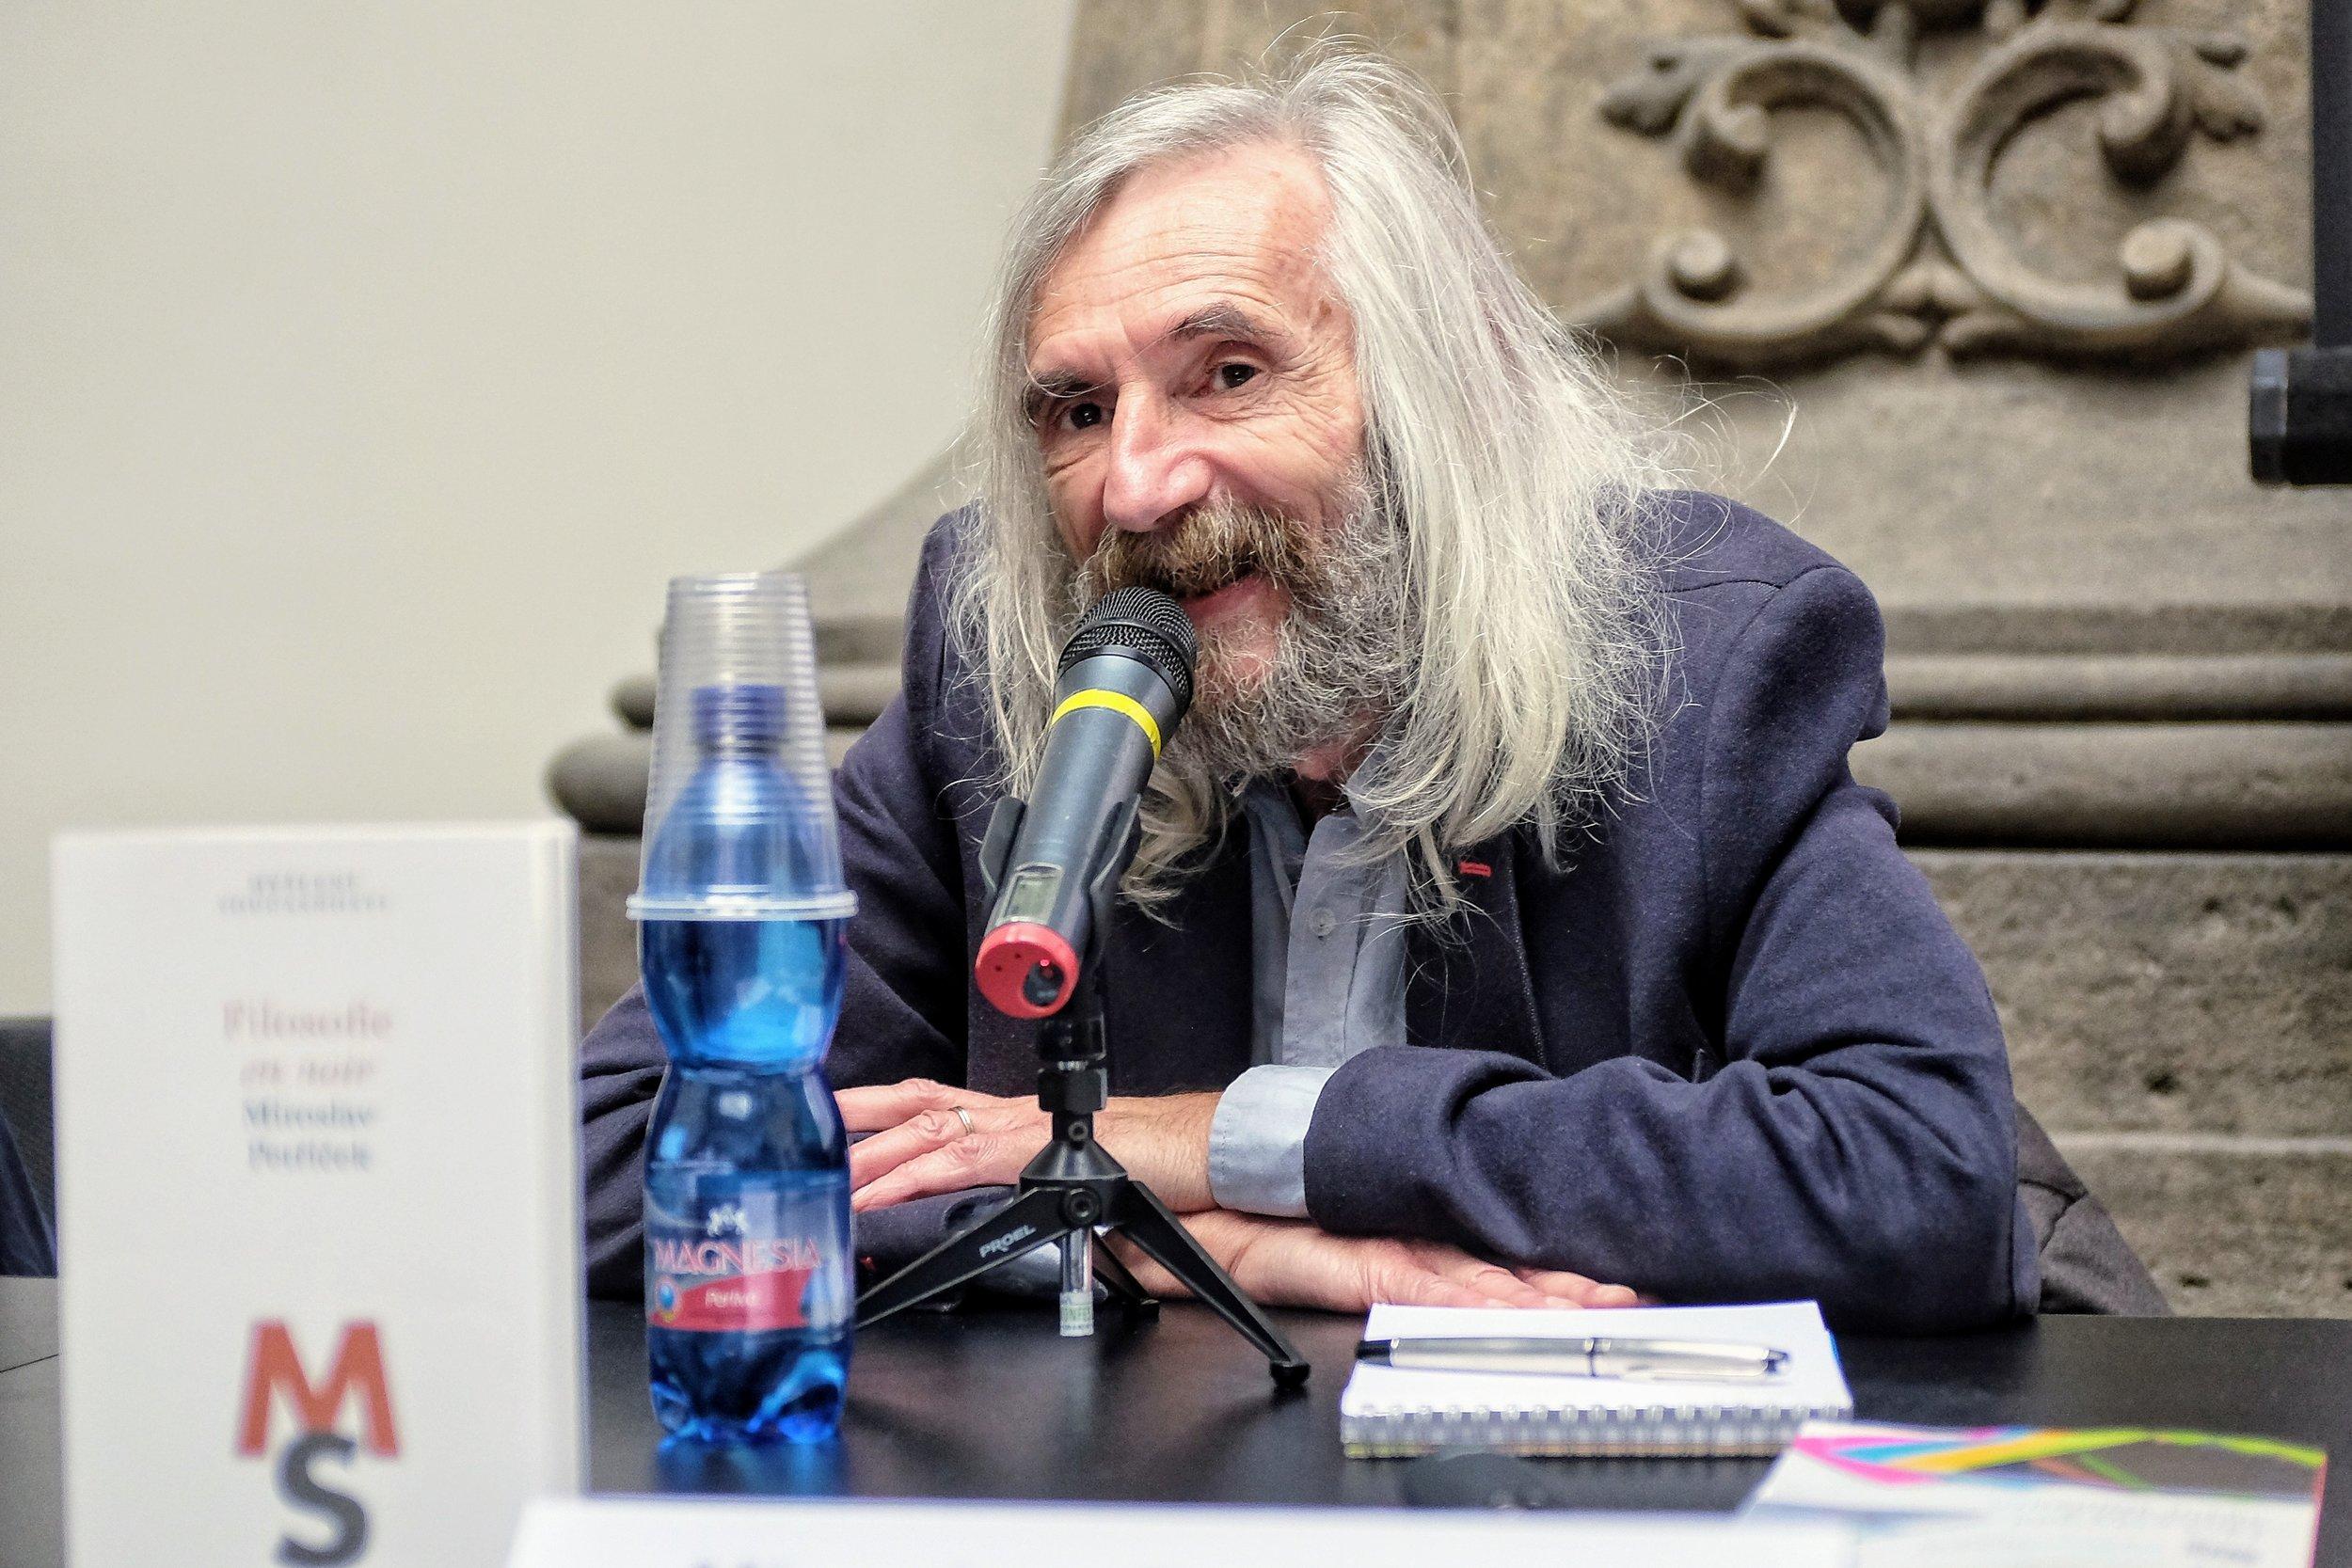 Miroslav Petříček, Svět knihy 2019